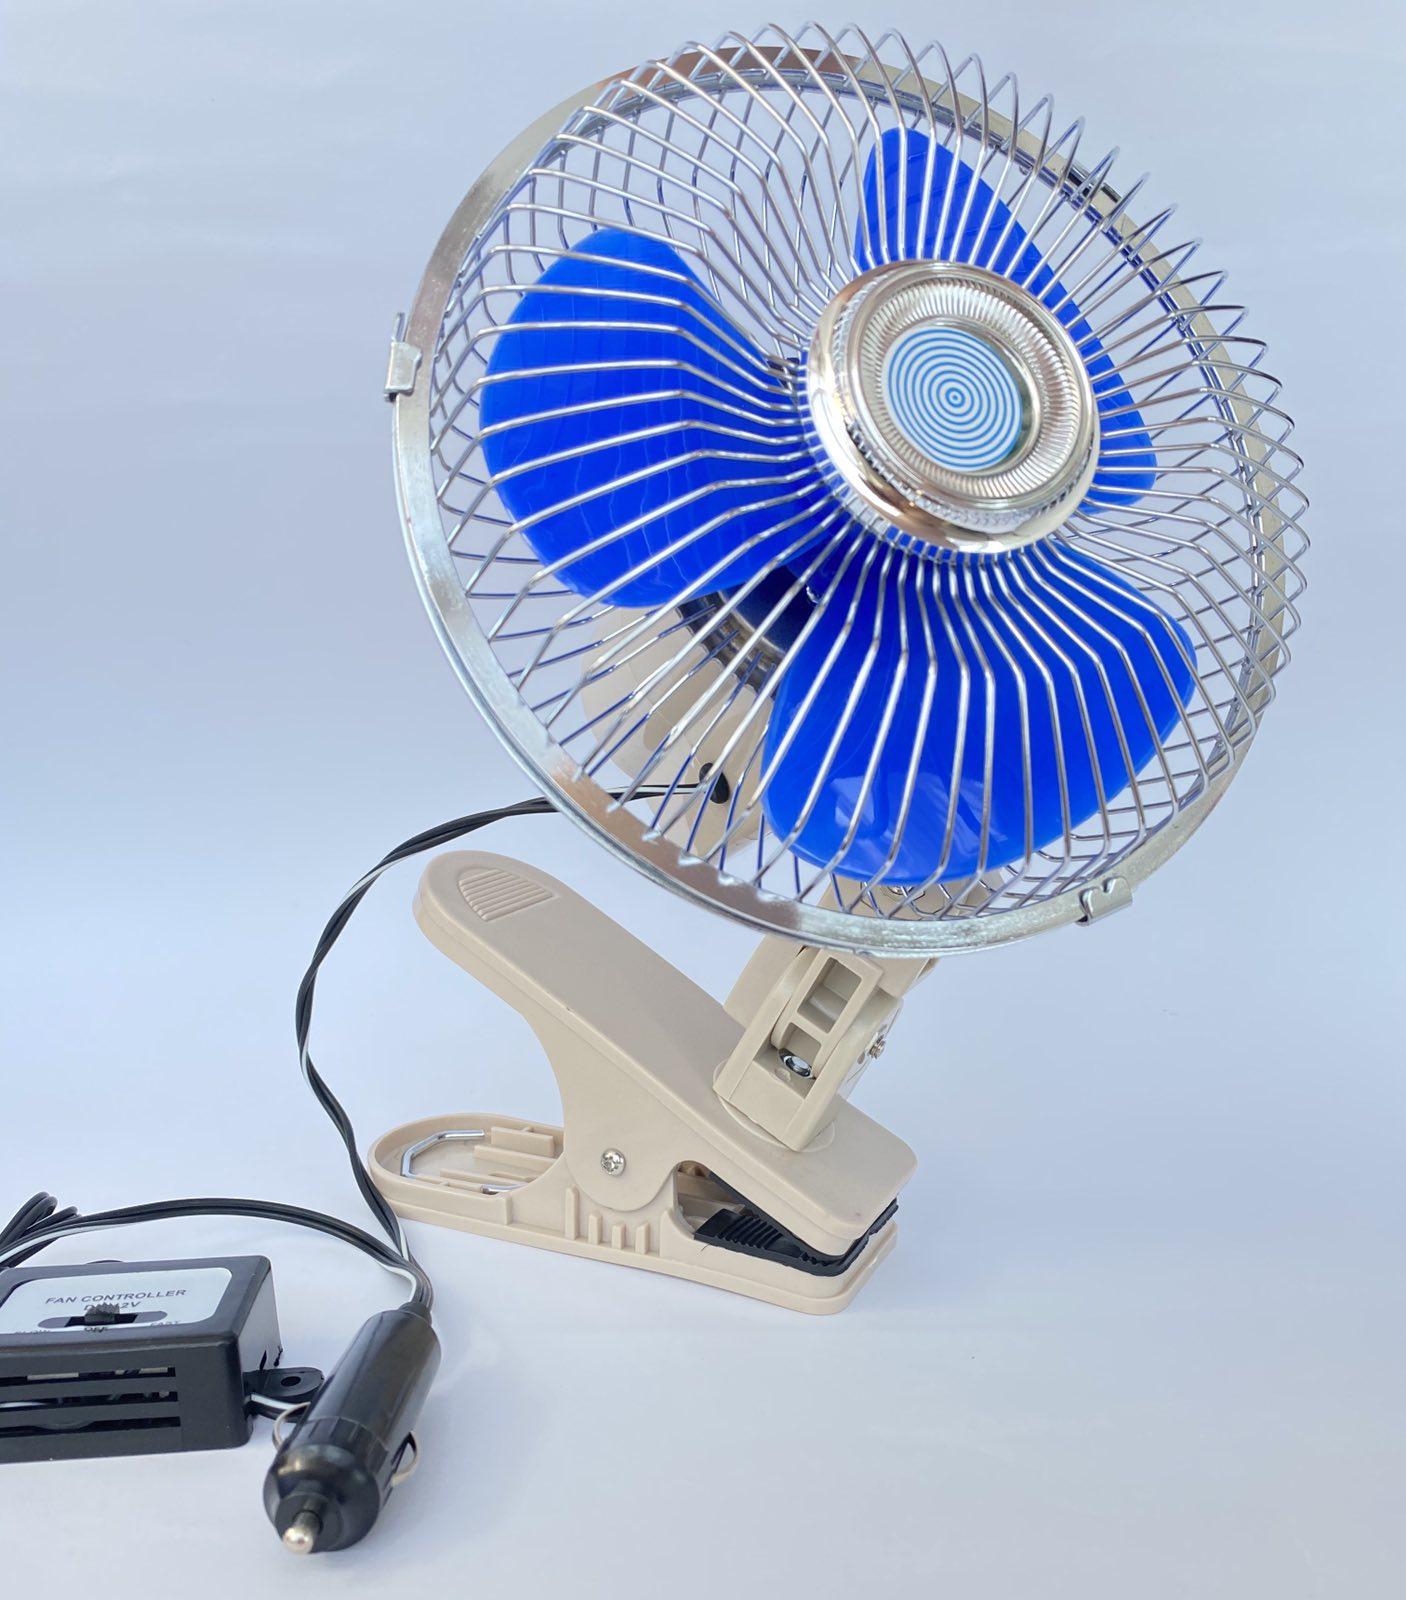 Фото автомобильного вентилятора с прищепкой ВН.12.607С/HF-307C: